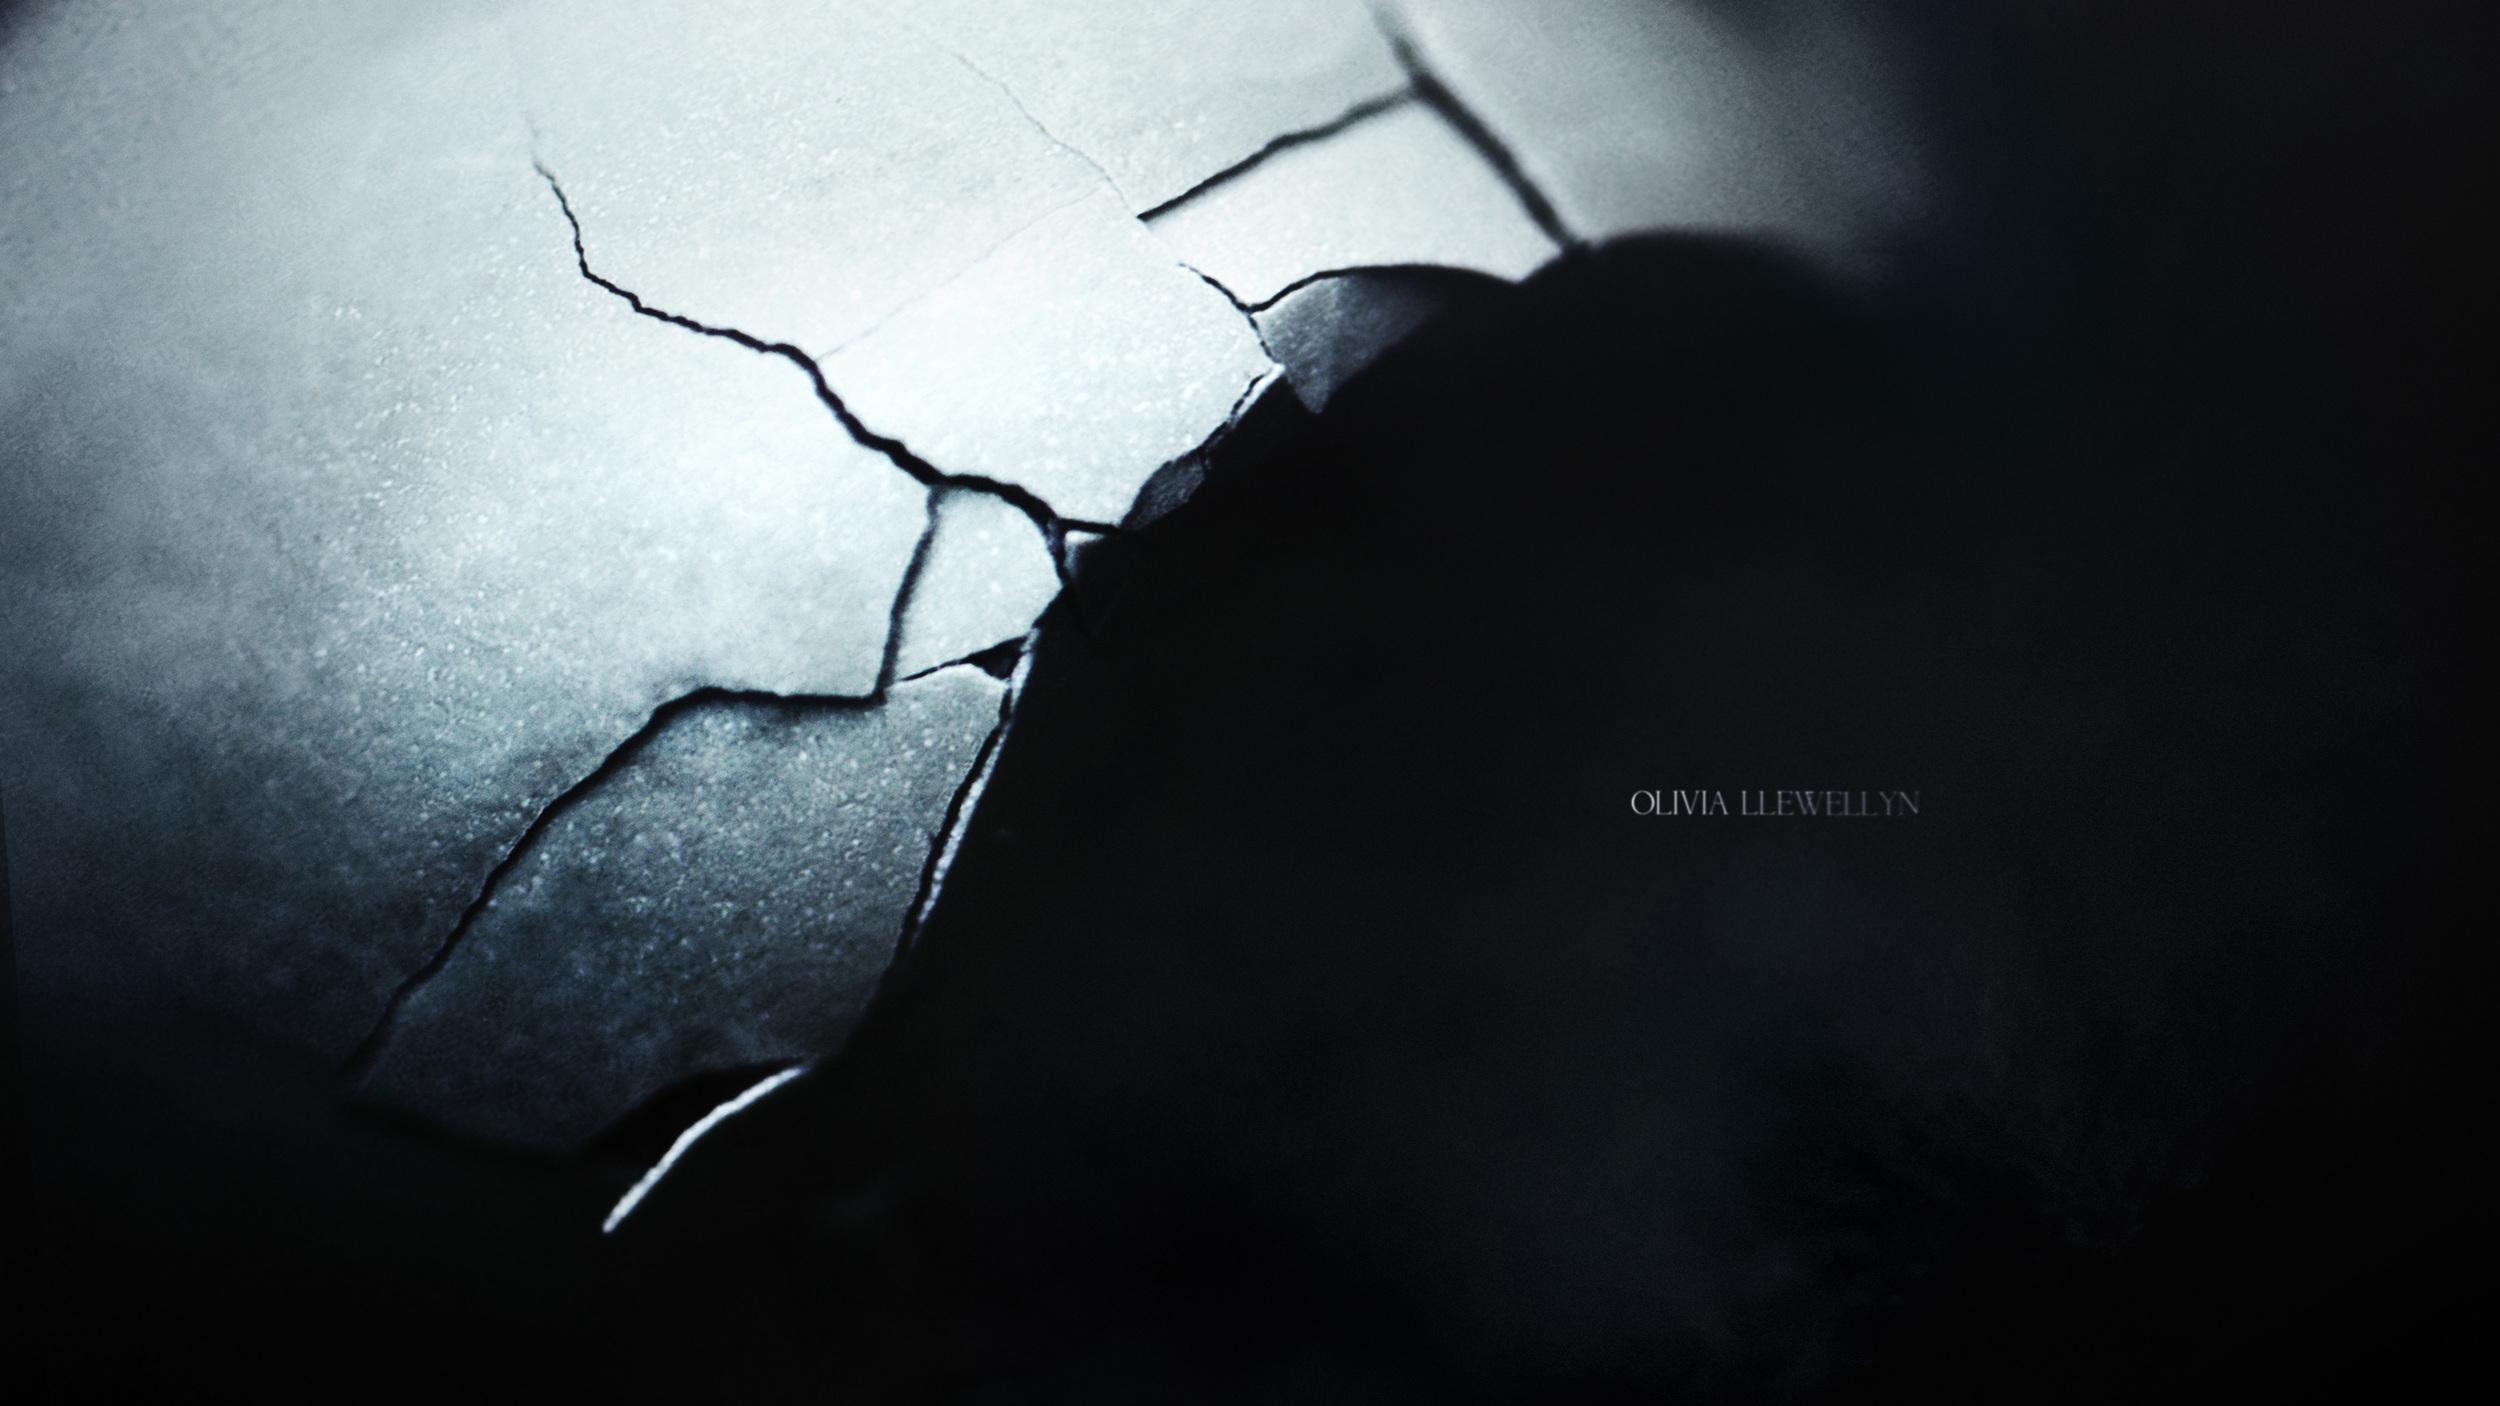 Lauren-Indovina-Penny-Dreadful-Titles-PSYOP-Concept-Art-Gentle-Crack.jpg